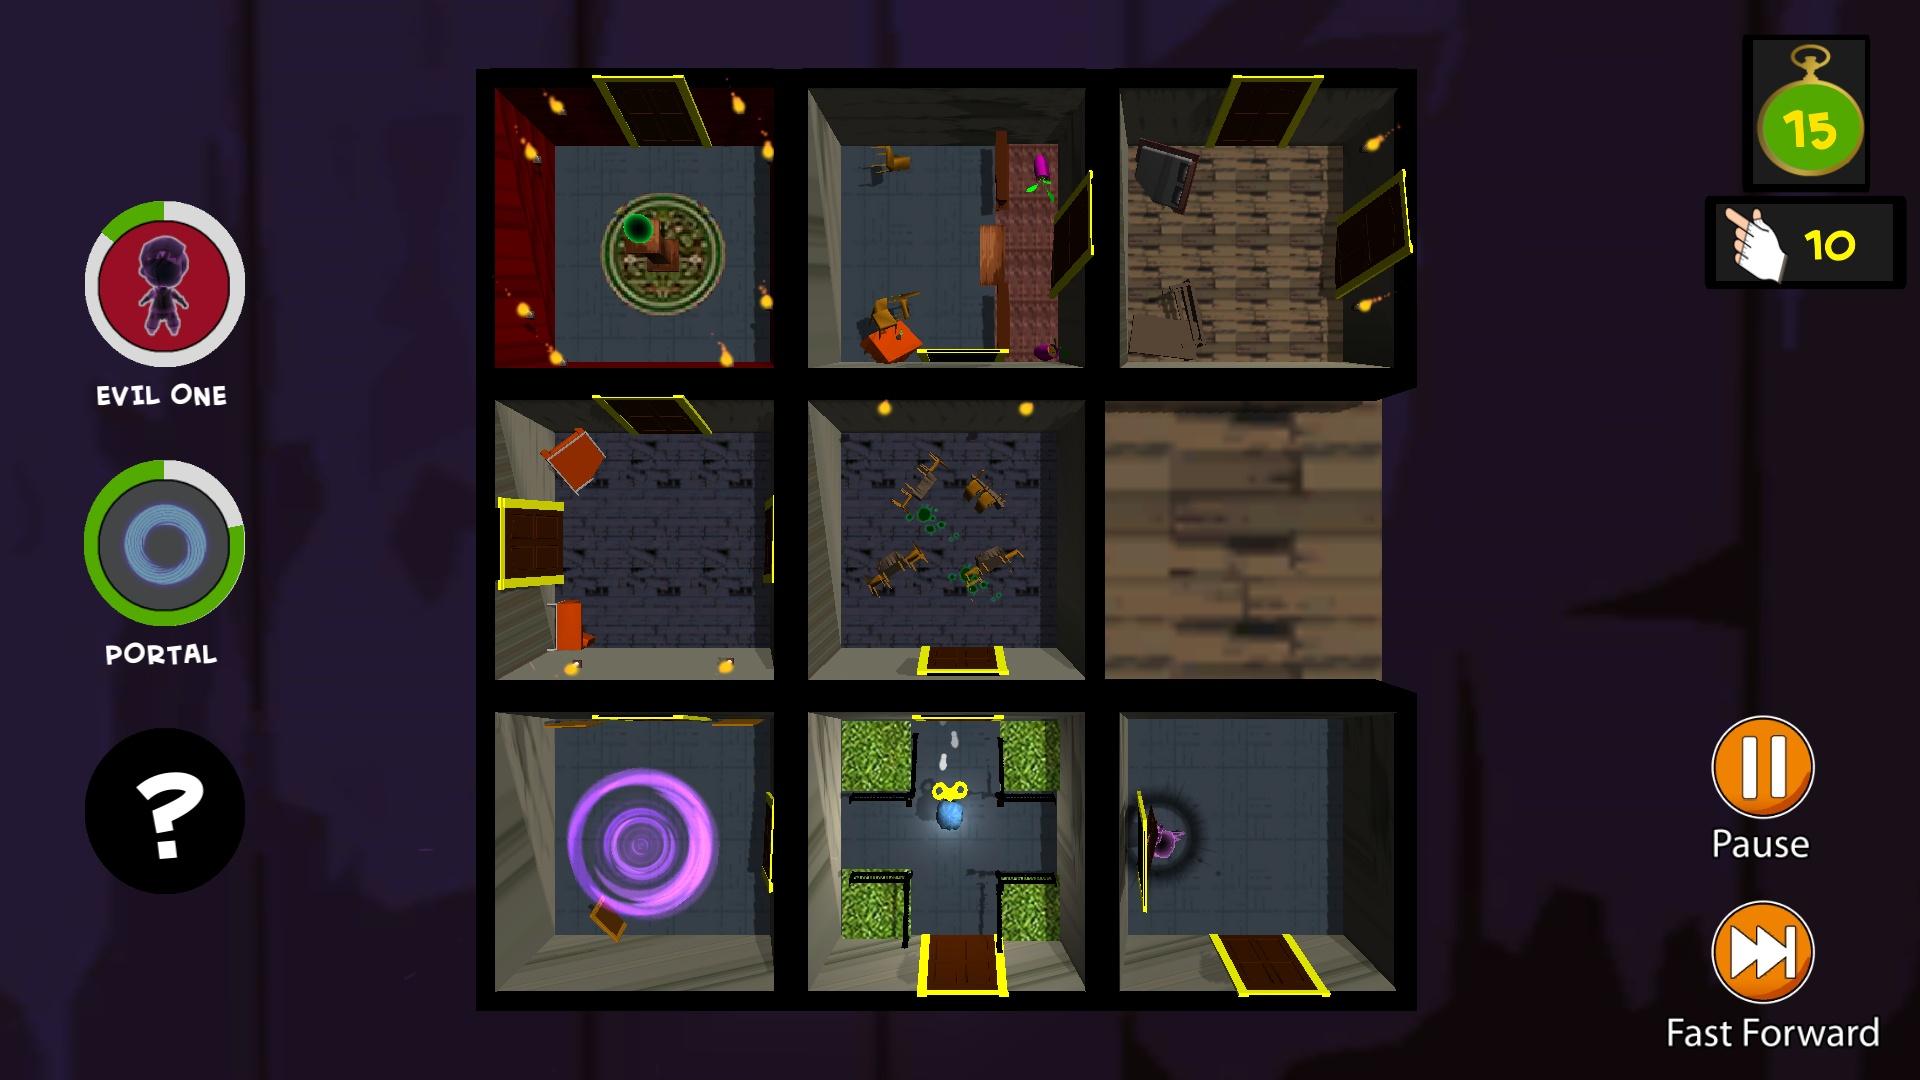 Poltergeist Mansion DigiPen Game Gallery - Mansion design games